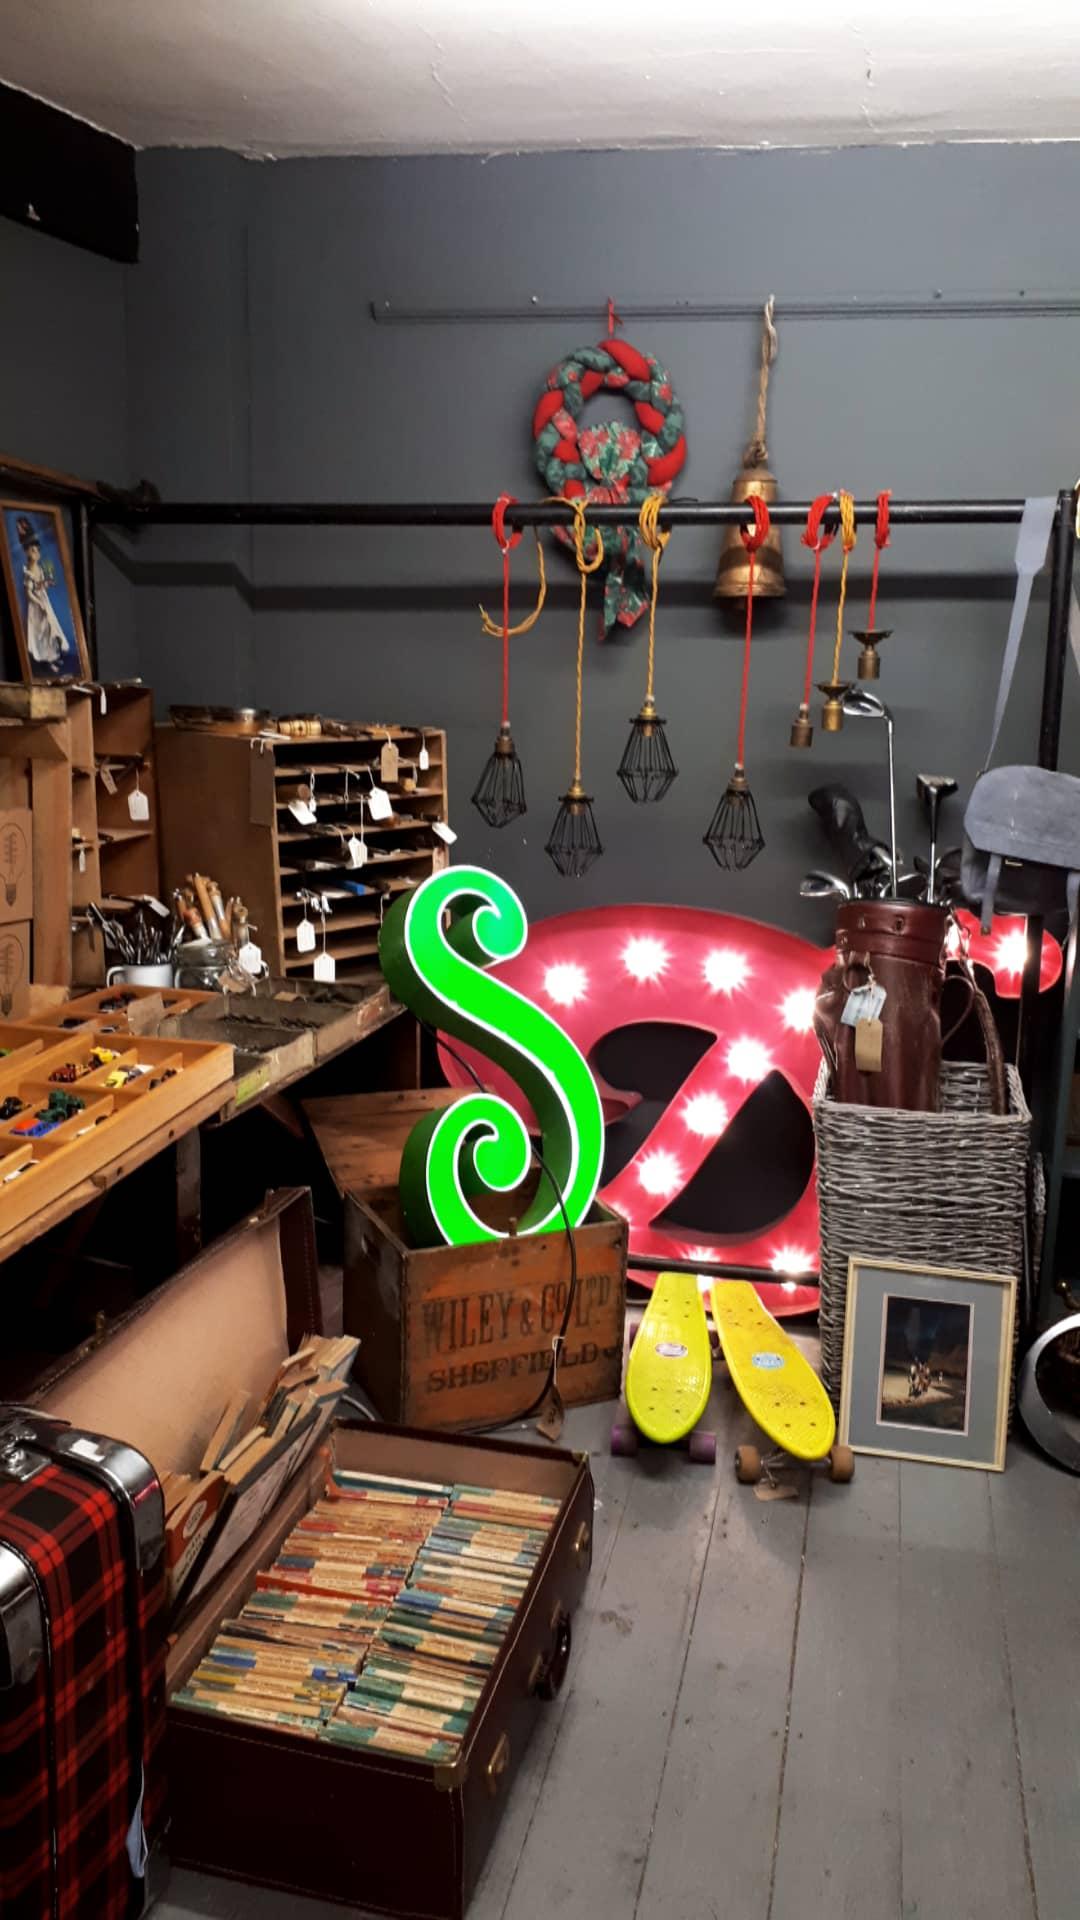 Cool Vintage Shops in Nottingham